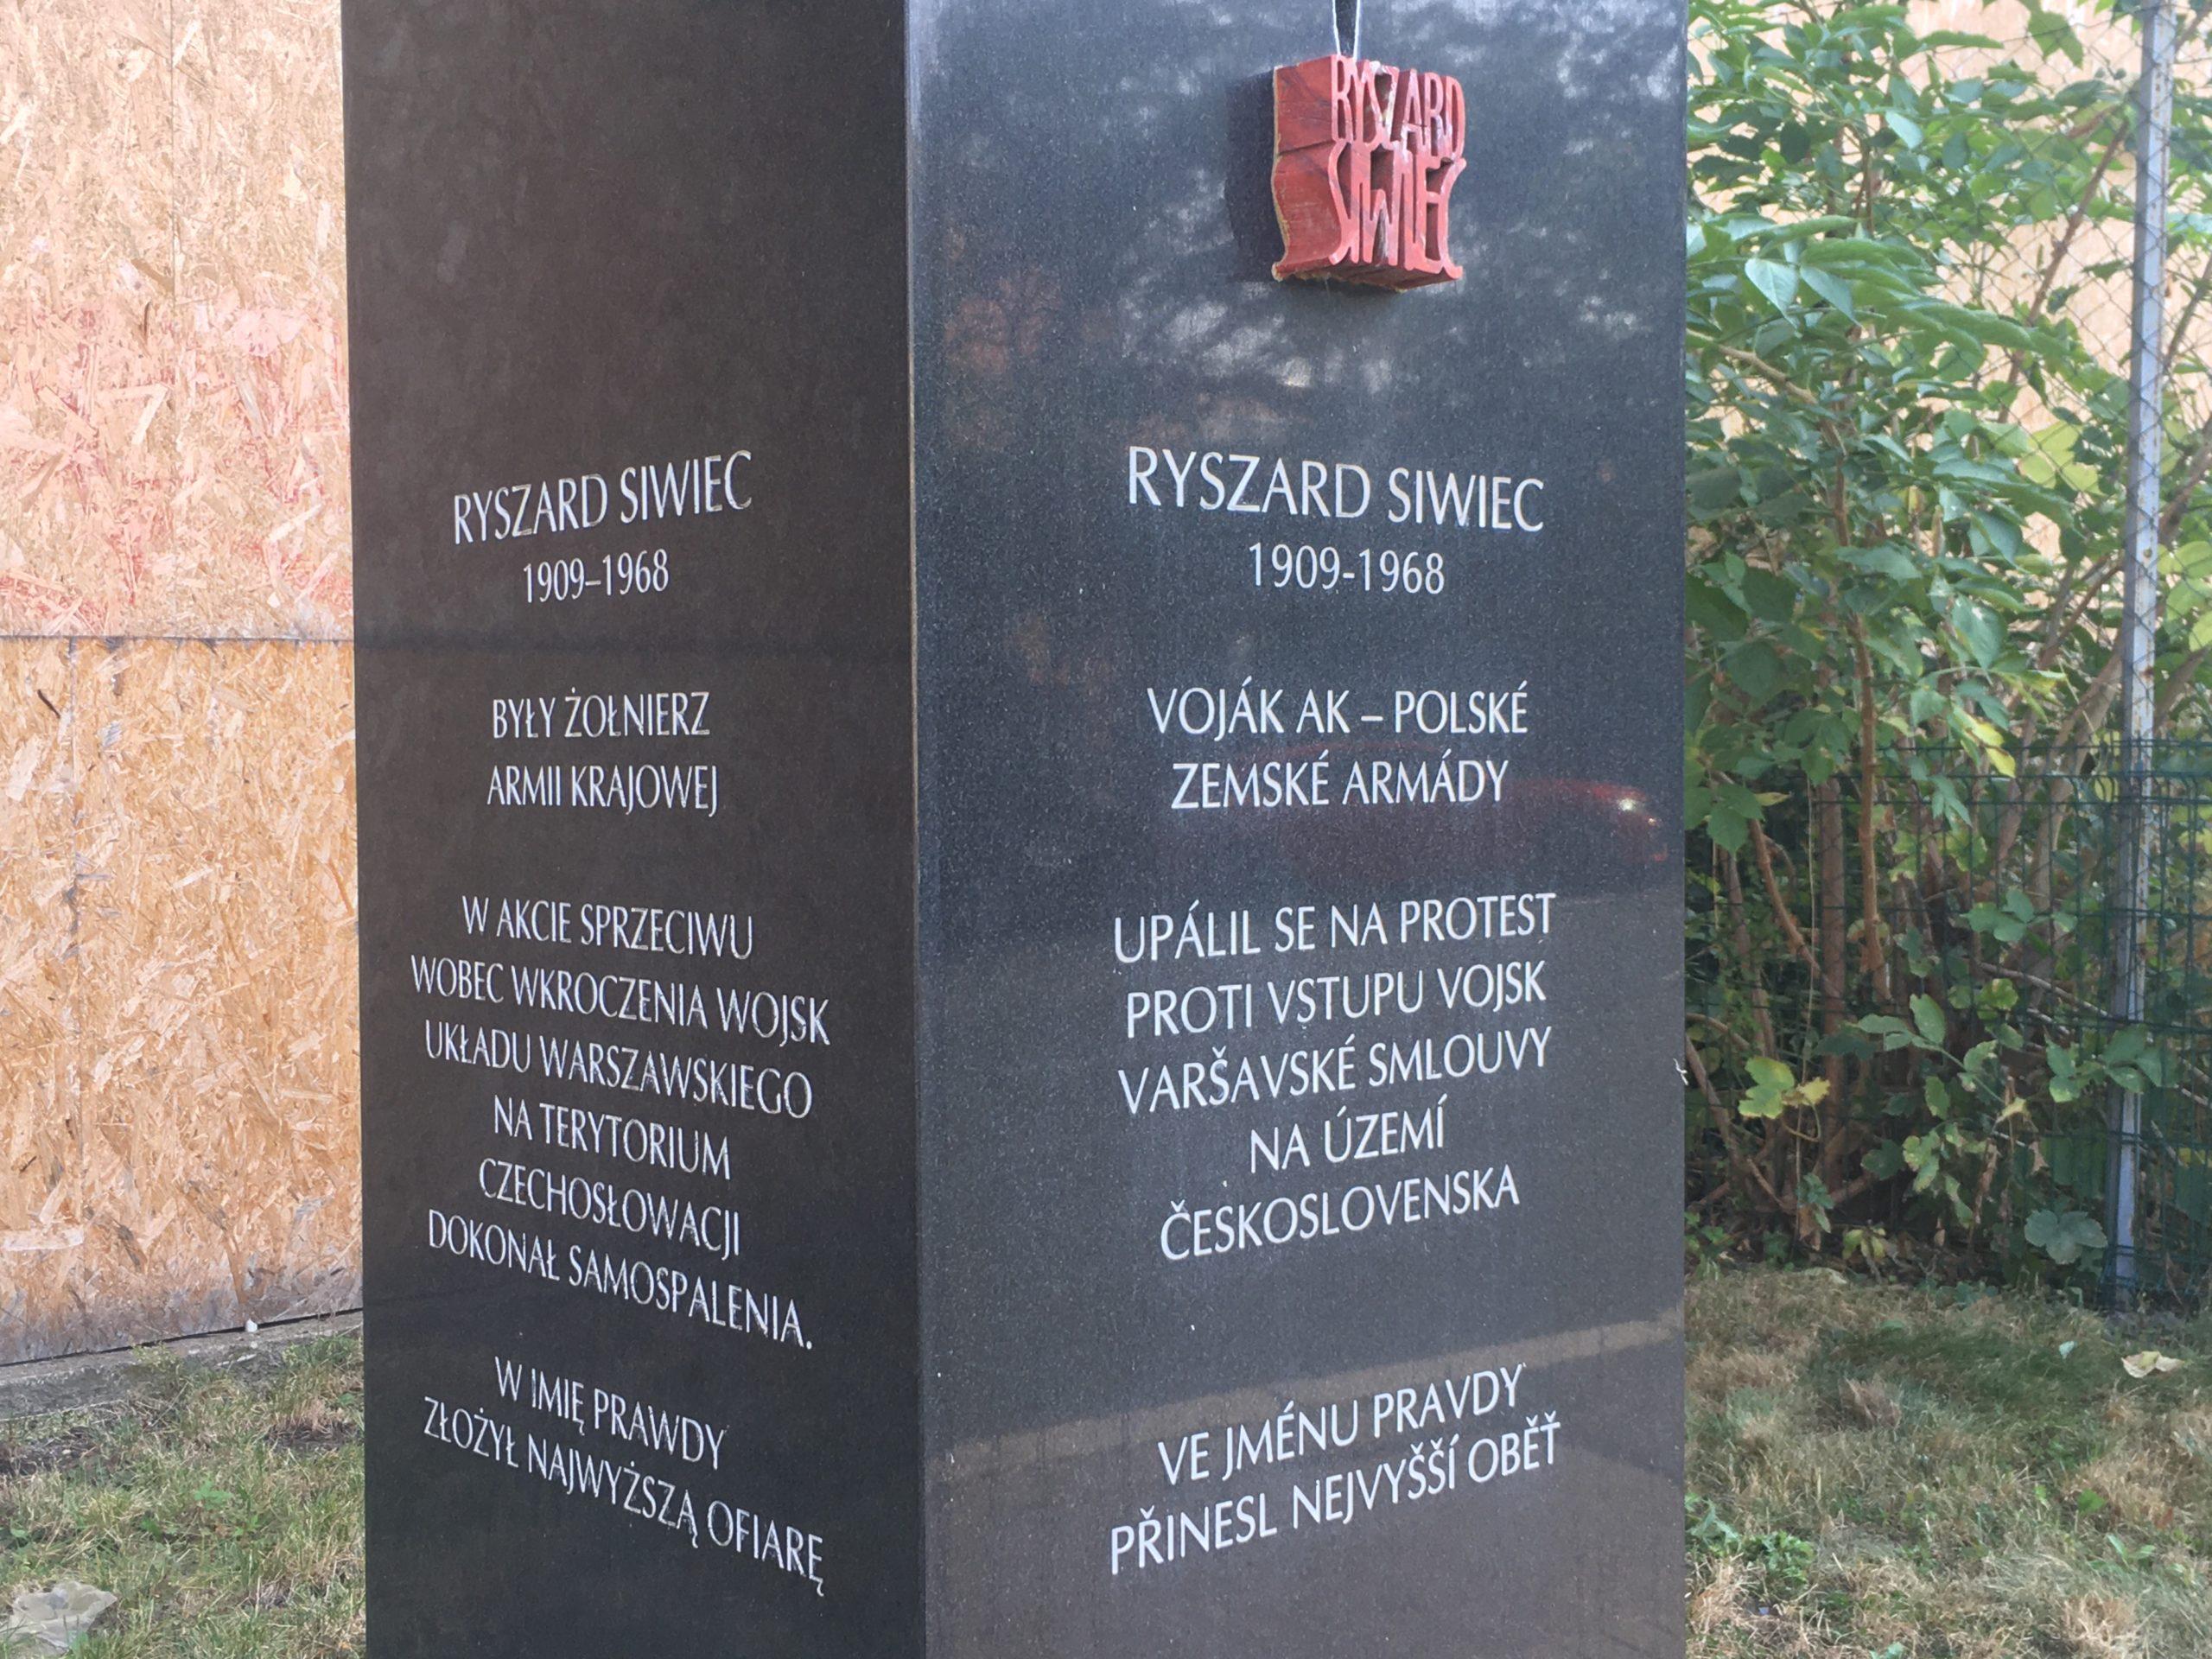 Wkroczenie wojsk Układu Warszawskiego do Czechosłowacji to jedno z najtragiczniejszych wydarzeń współczesnej historii kraju